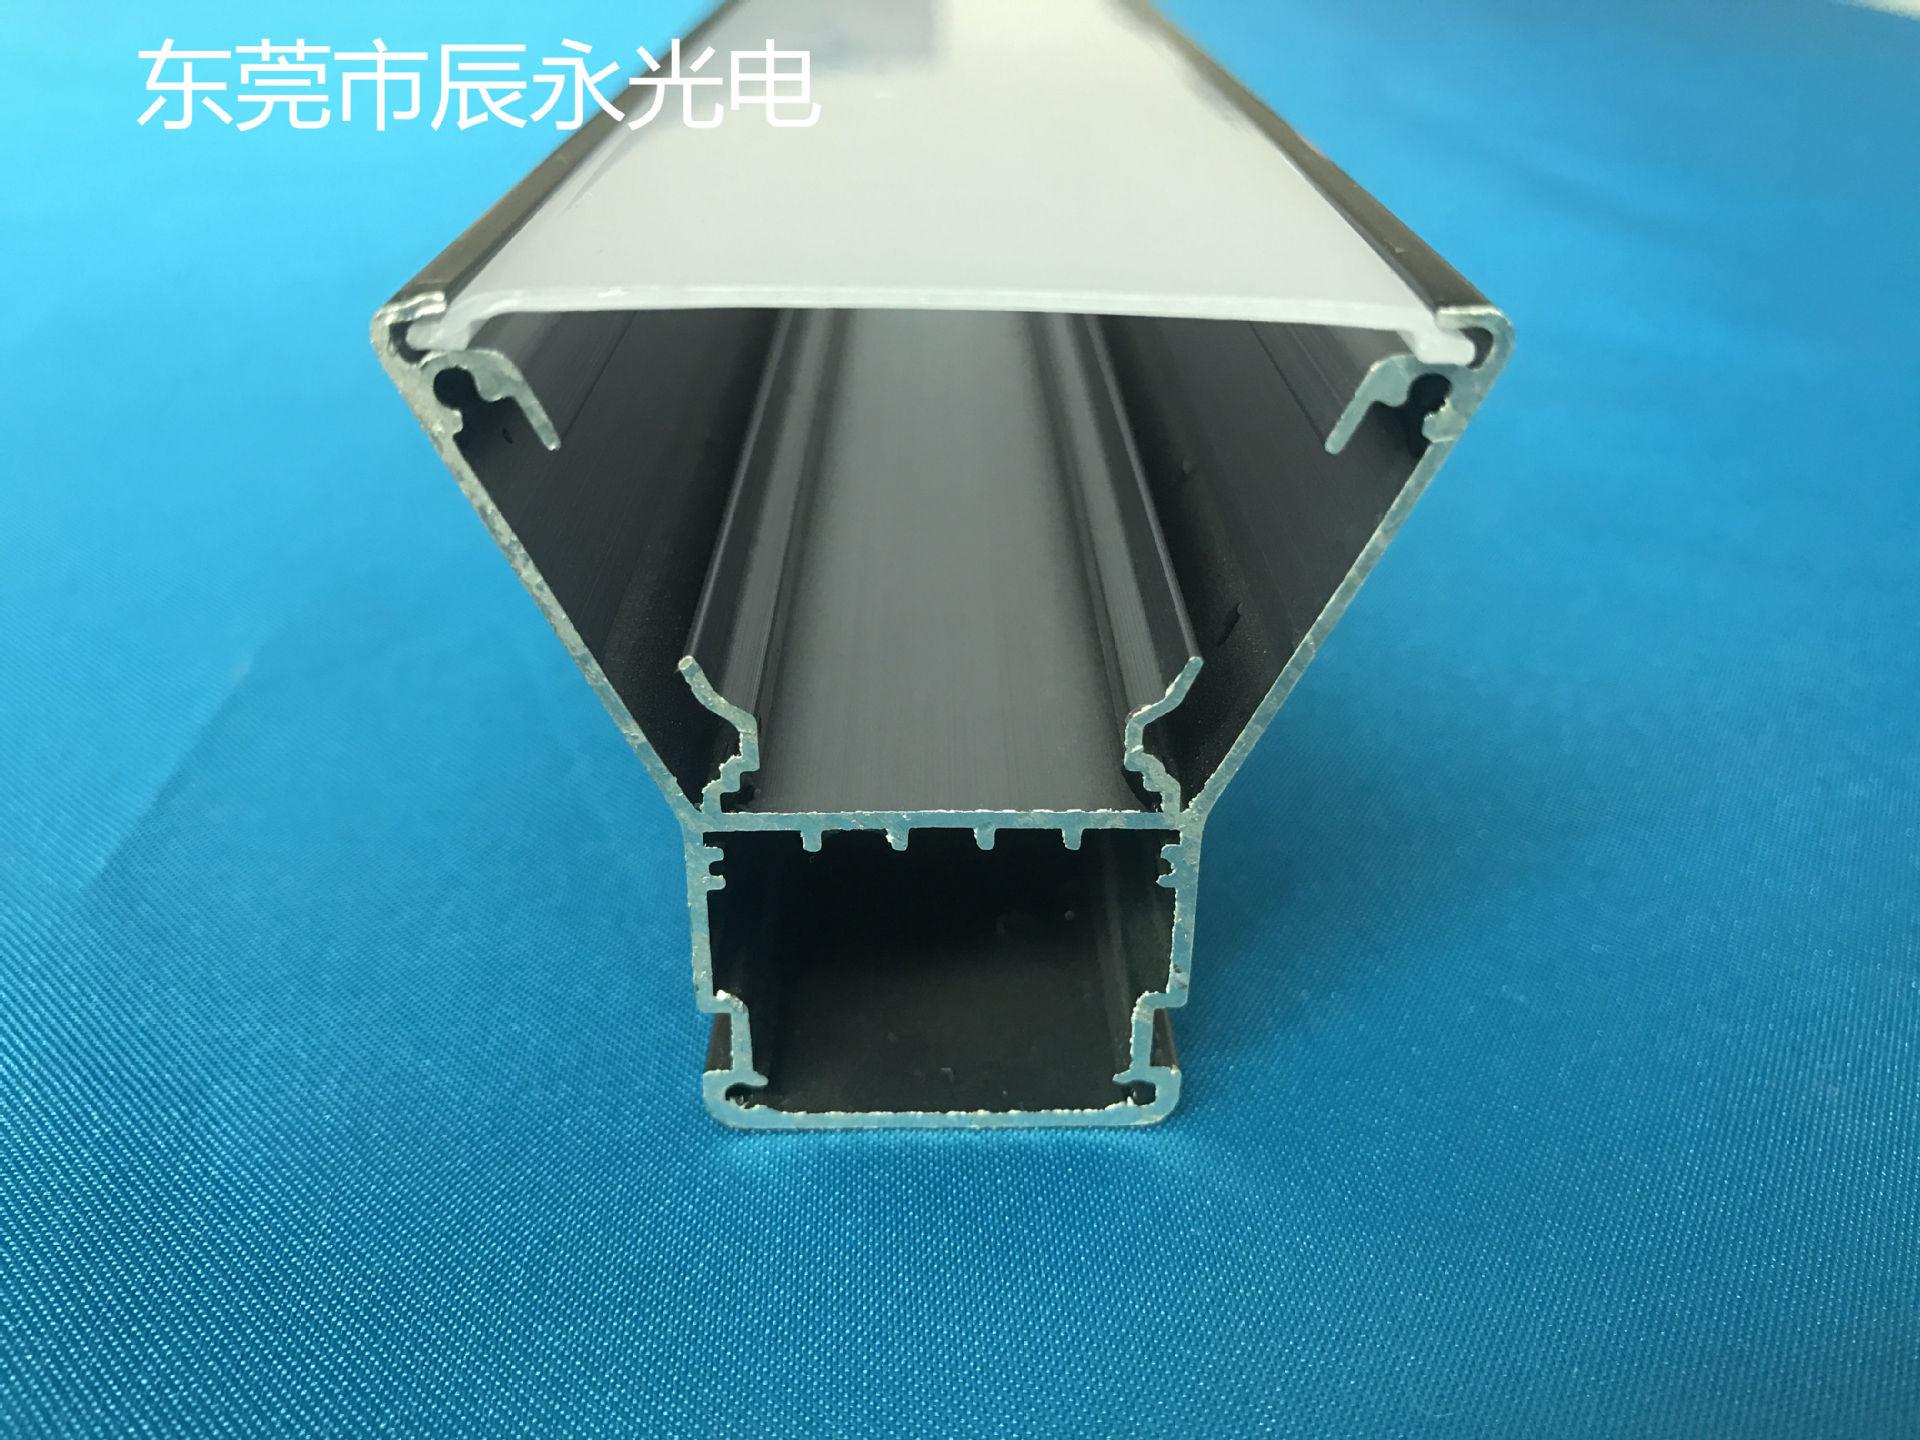 定制生产 线型灯 幕墙灯外壳 PC PMMA灯罩  挤出塑胶制品